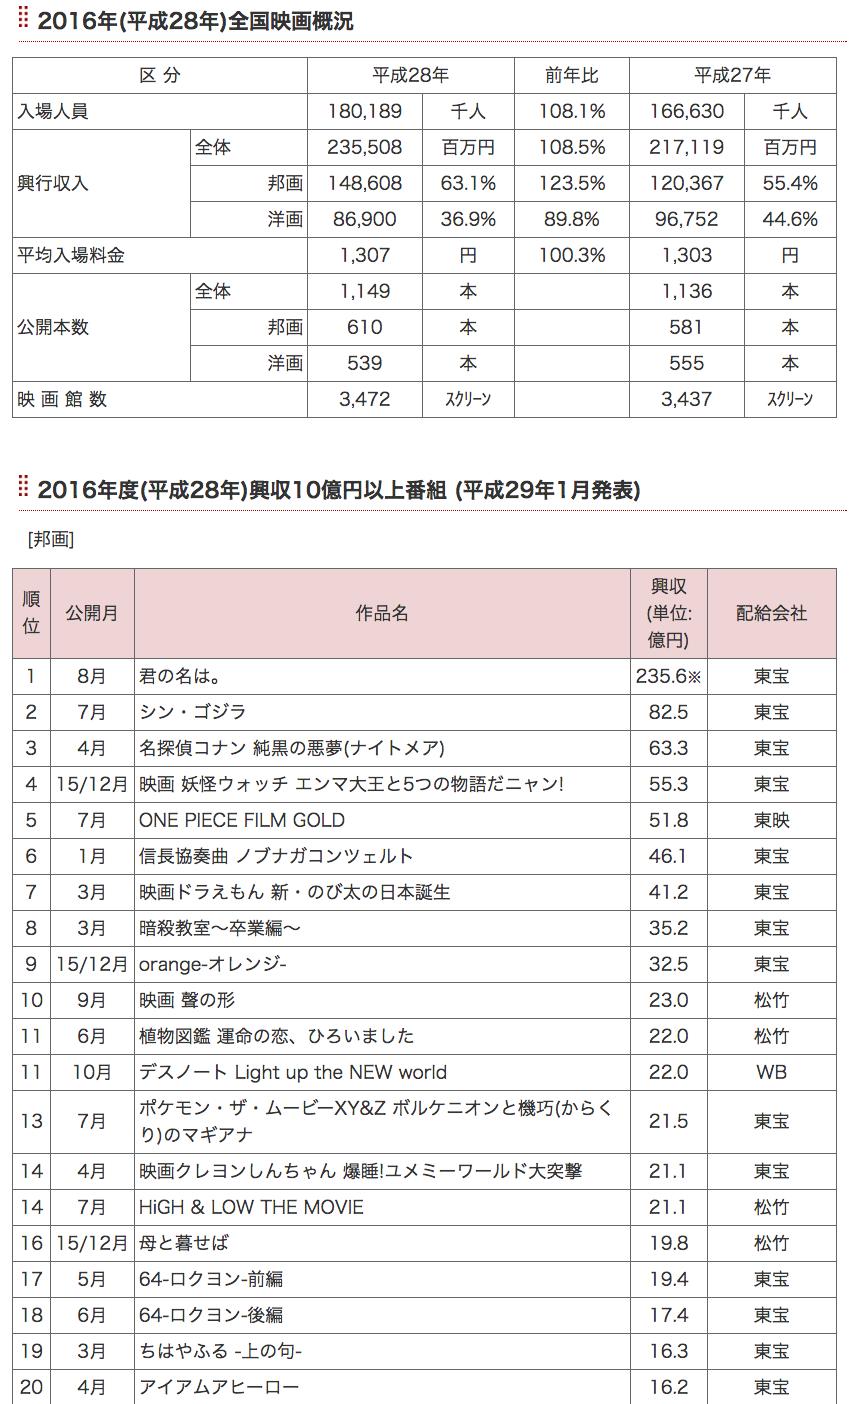 【映画】世界の映画興行市場383億ドル(4.3兆円) 映画産業市場規模MPAA2015 日本は2355億円(2016年) 12